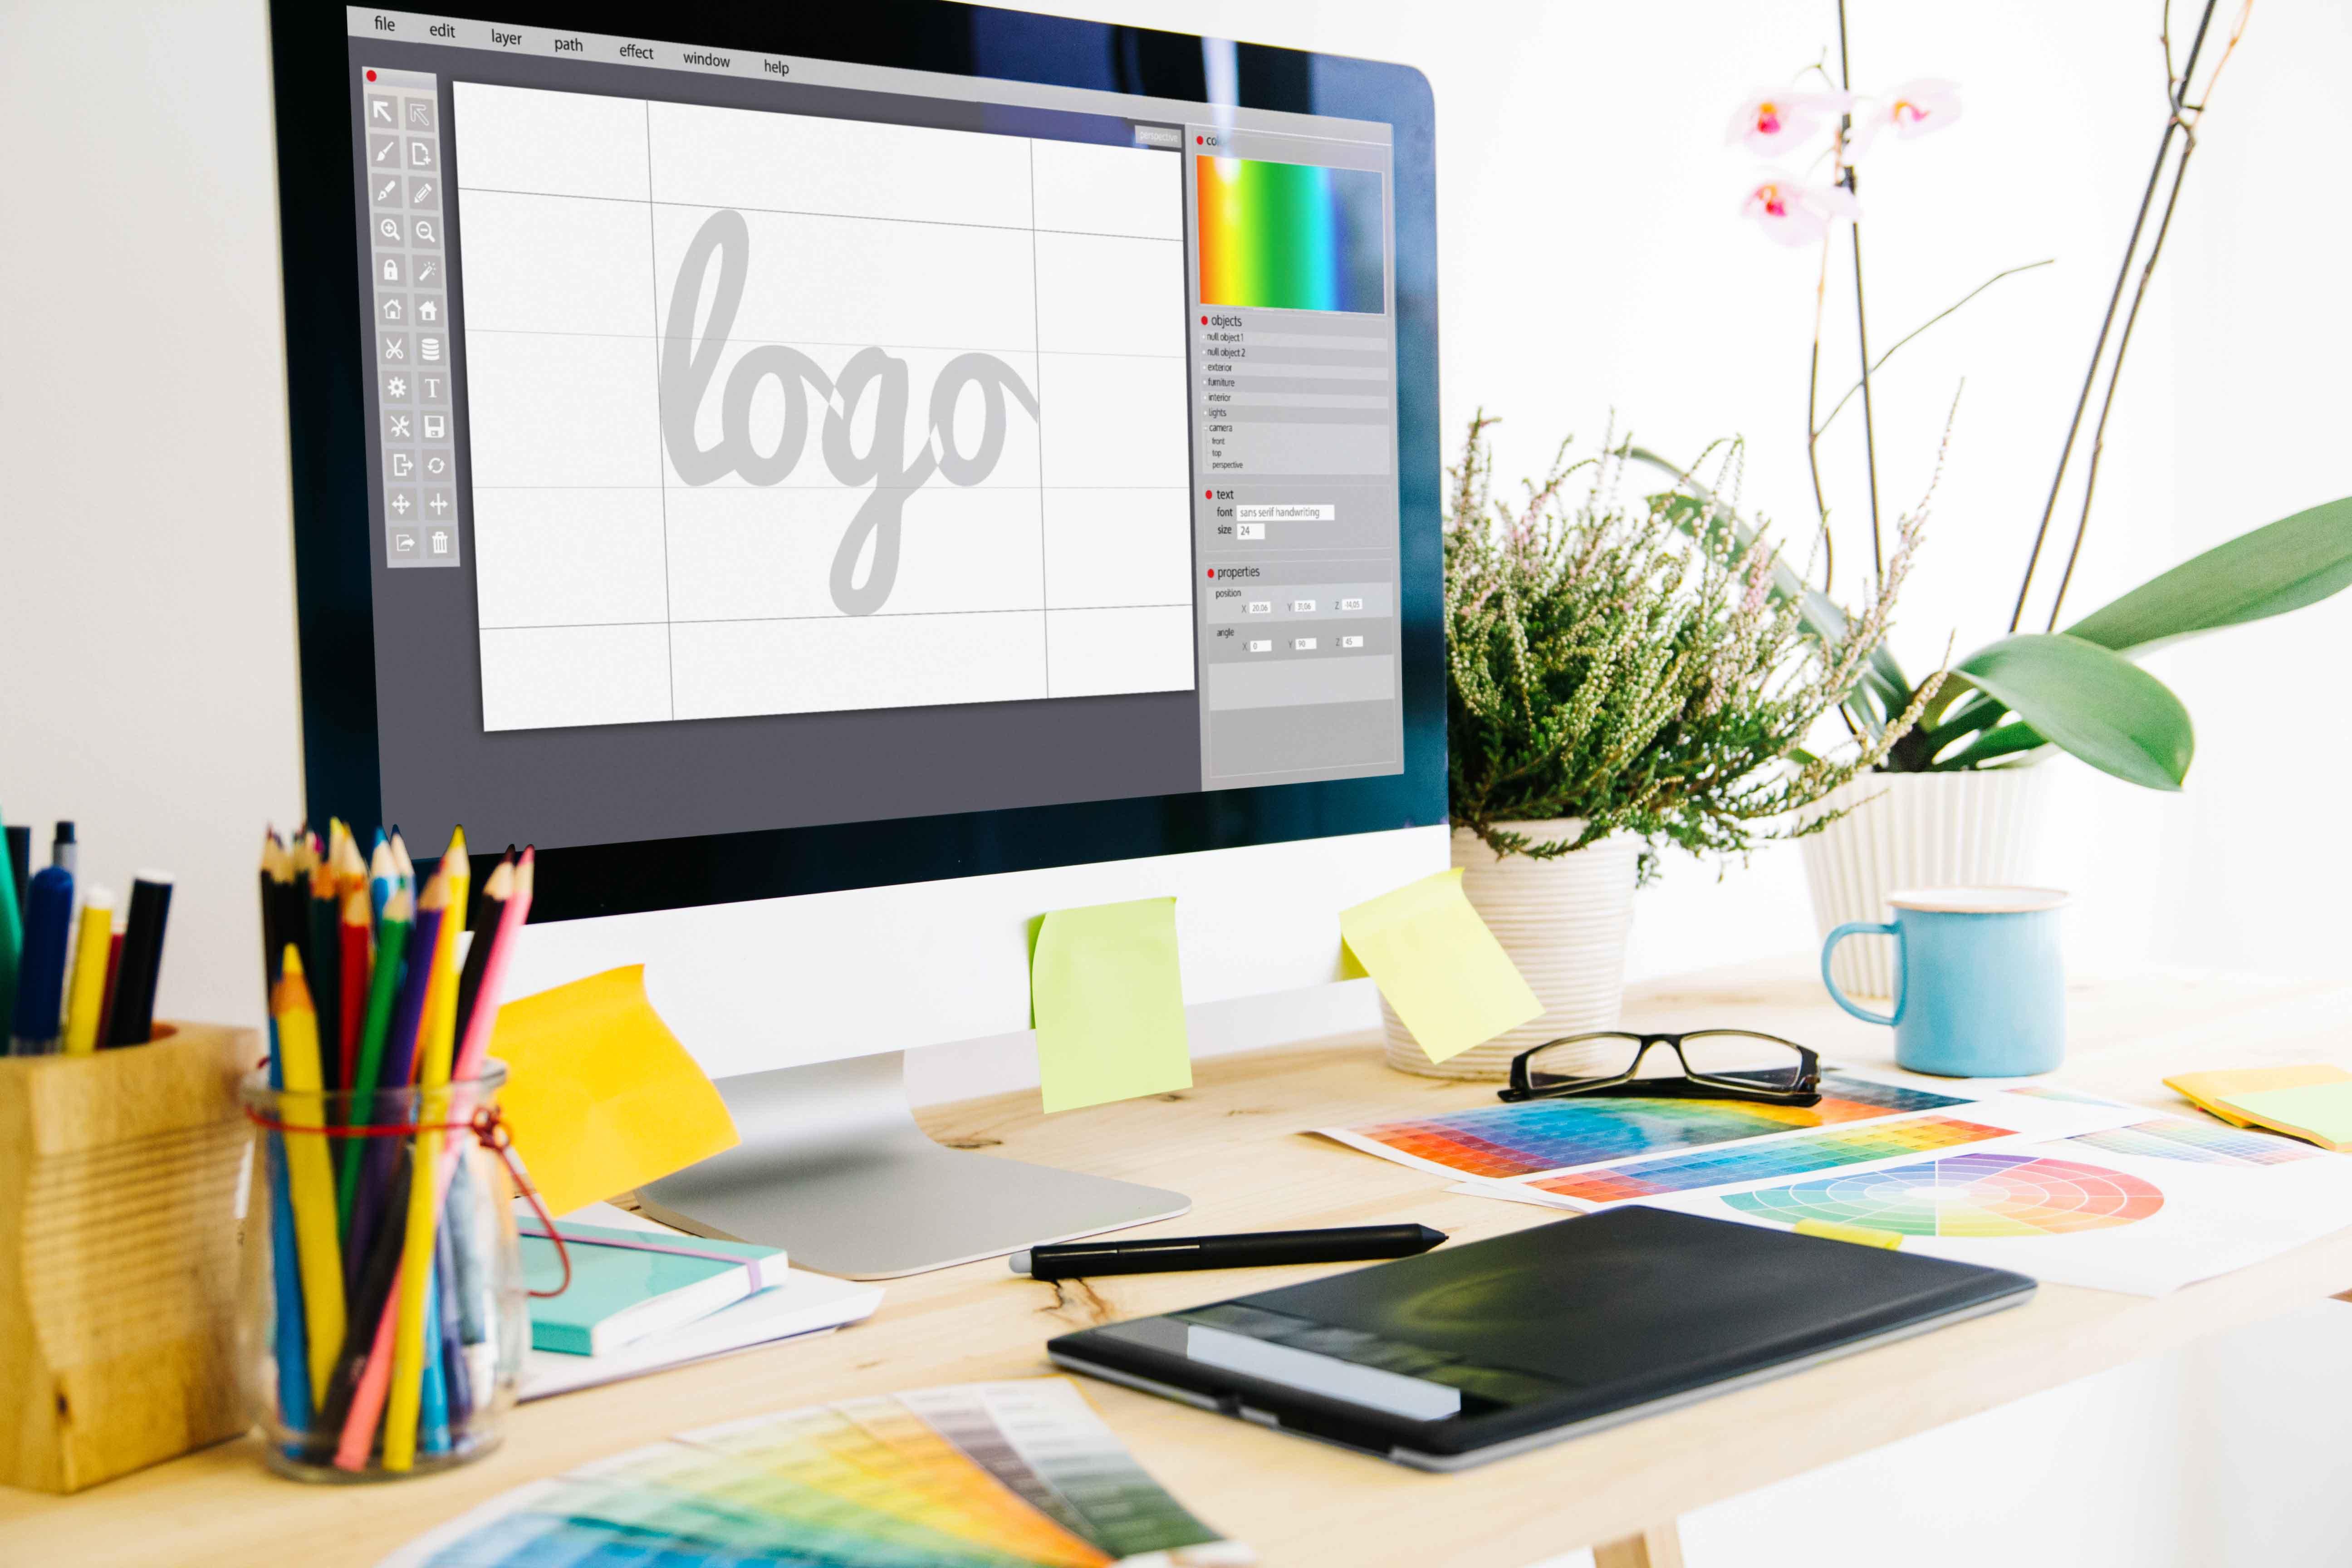 Freelance senior graphic designer